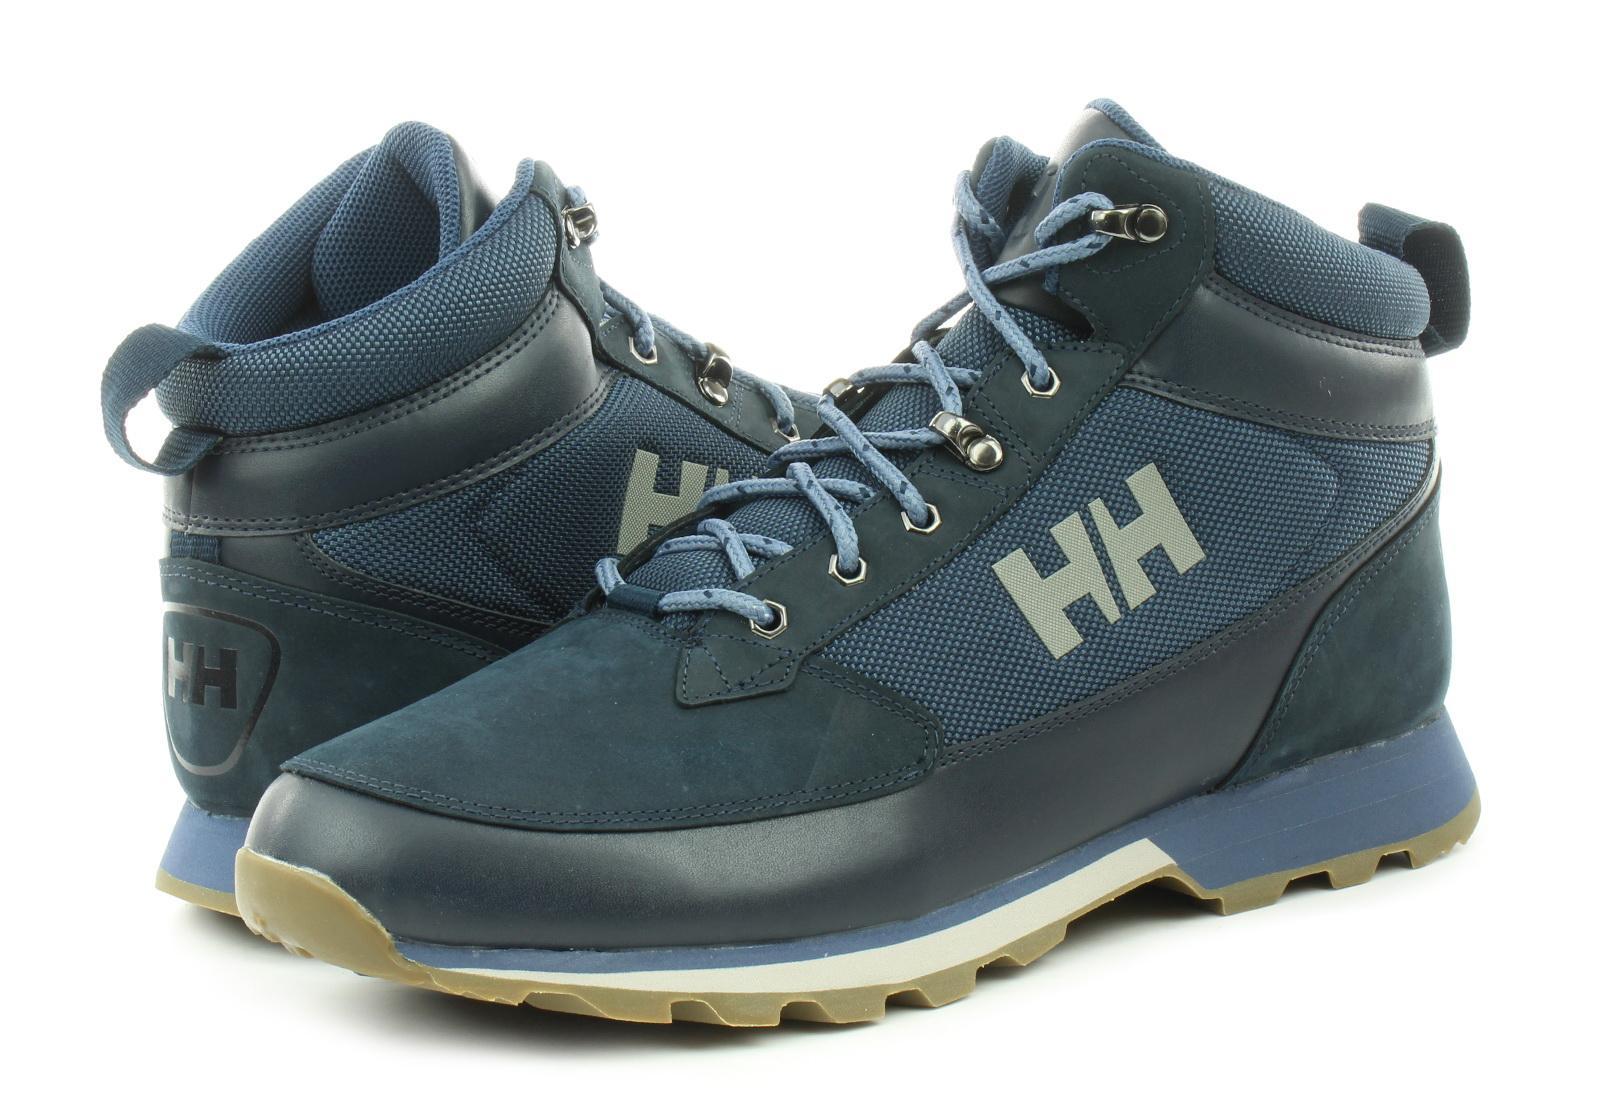 wiele modnych na wyprzedaży autentyczny Helly Hansen Buty Zimowe - Chilcotin - 11427-597 - Obuwie i buty damskie,  męskie, dziecięce w Office Shoes